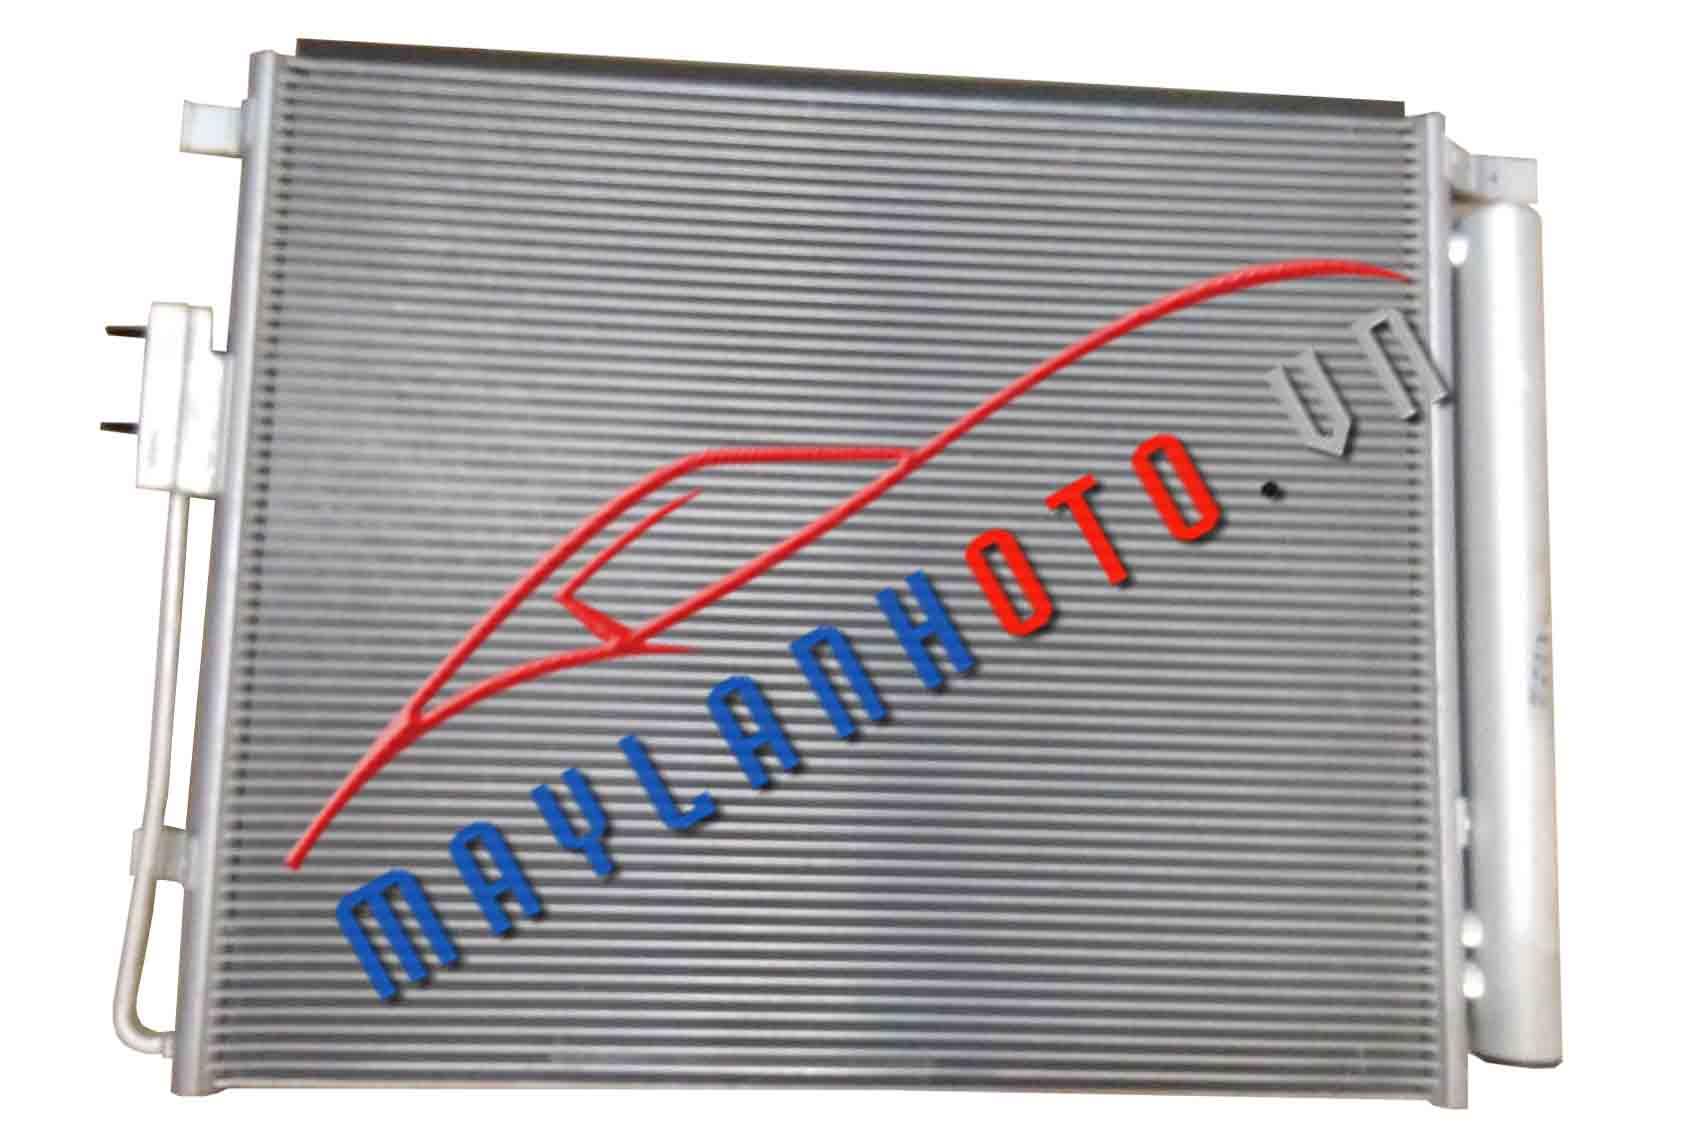 SantaFe 2013 / Dàn nóng điều hòa Hyundai SantaFe 2013/ Giàn nóng điều hòa Hyundai SantaFe 2013